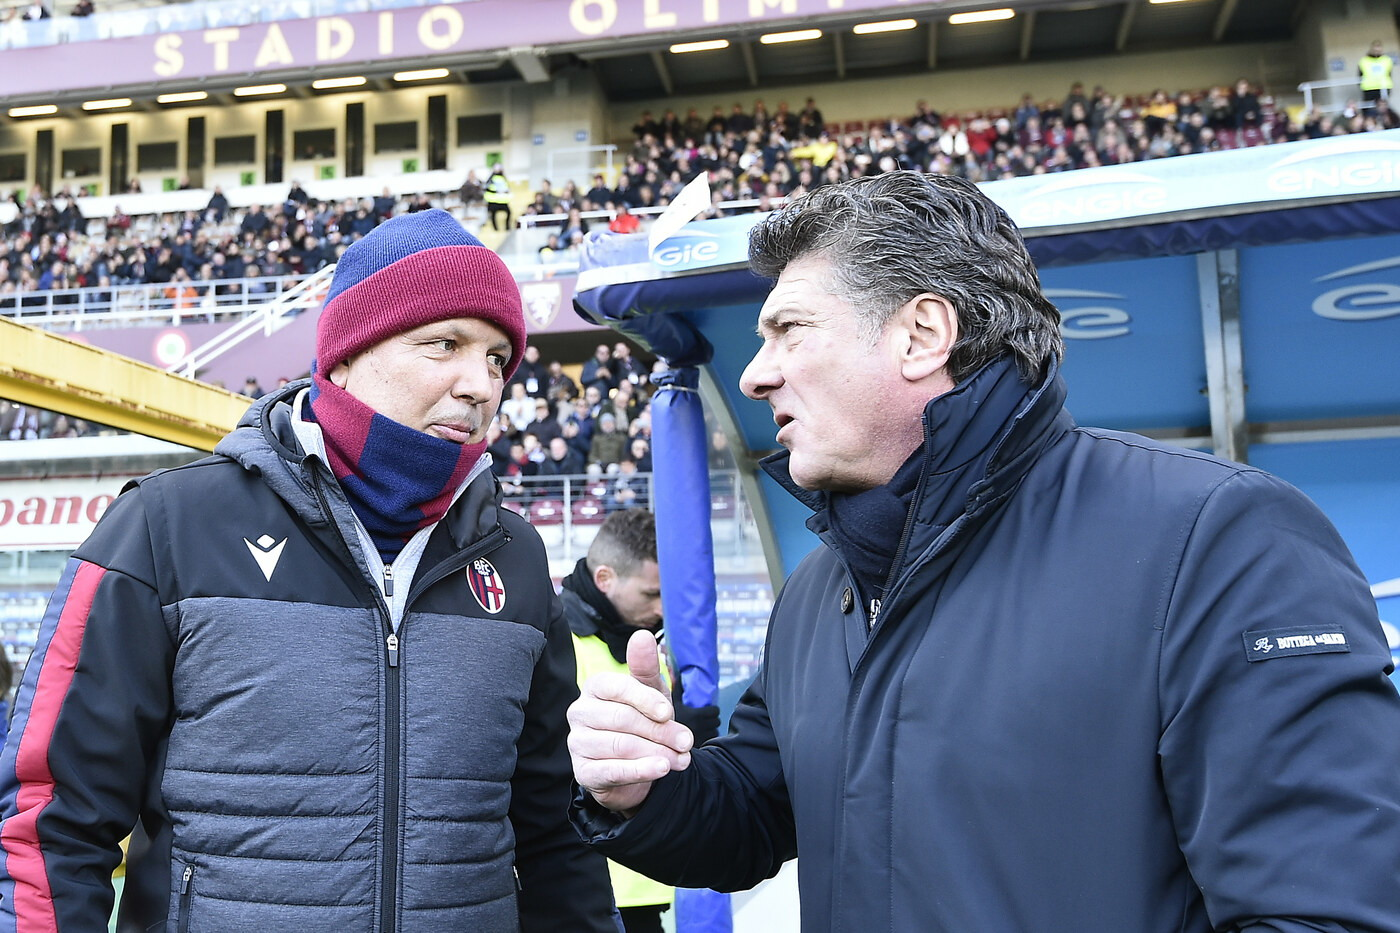 Il Torino chiude il girone di andata con una vittoria preziosissima tra le mura amiche contro il Bologna. A decidere il match il gol da tre punti segn...